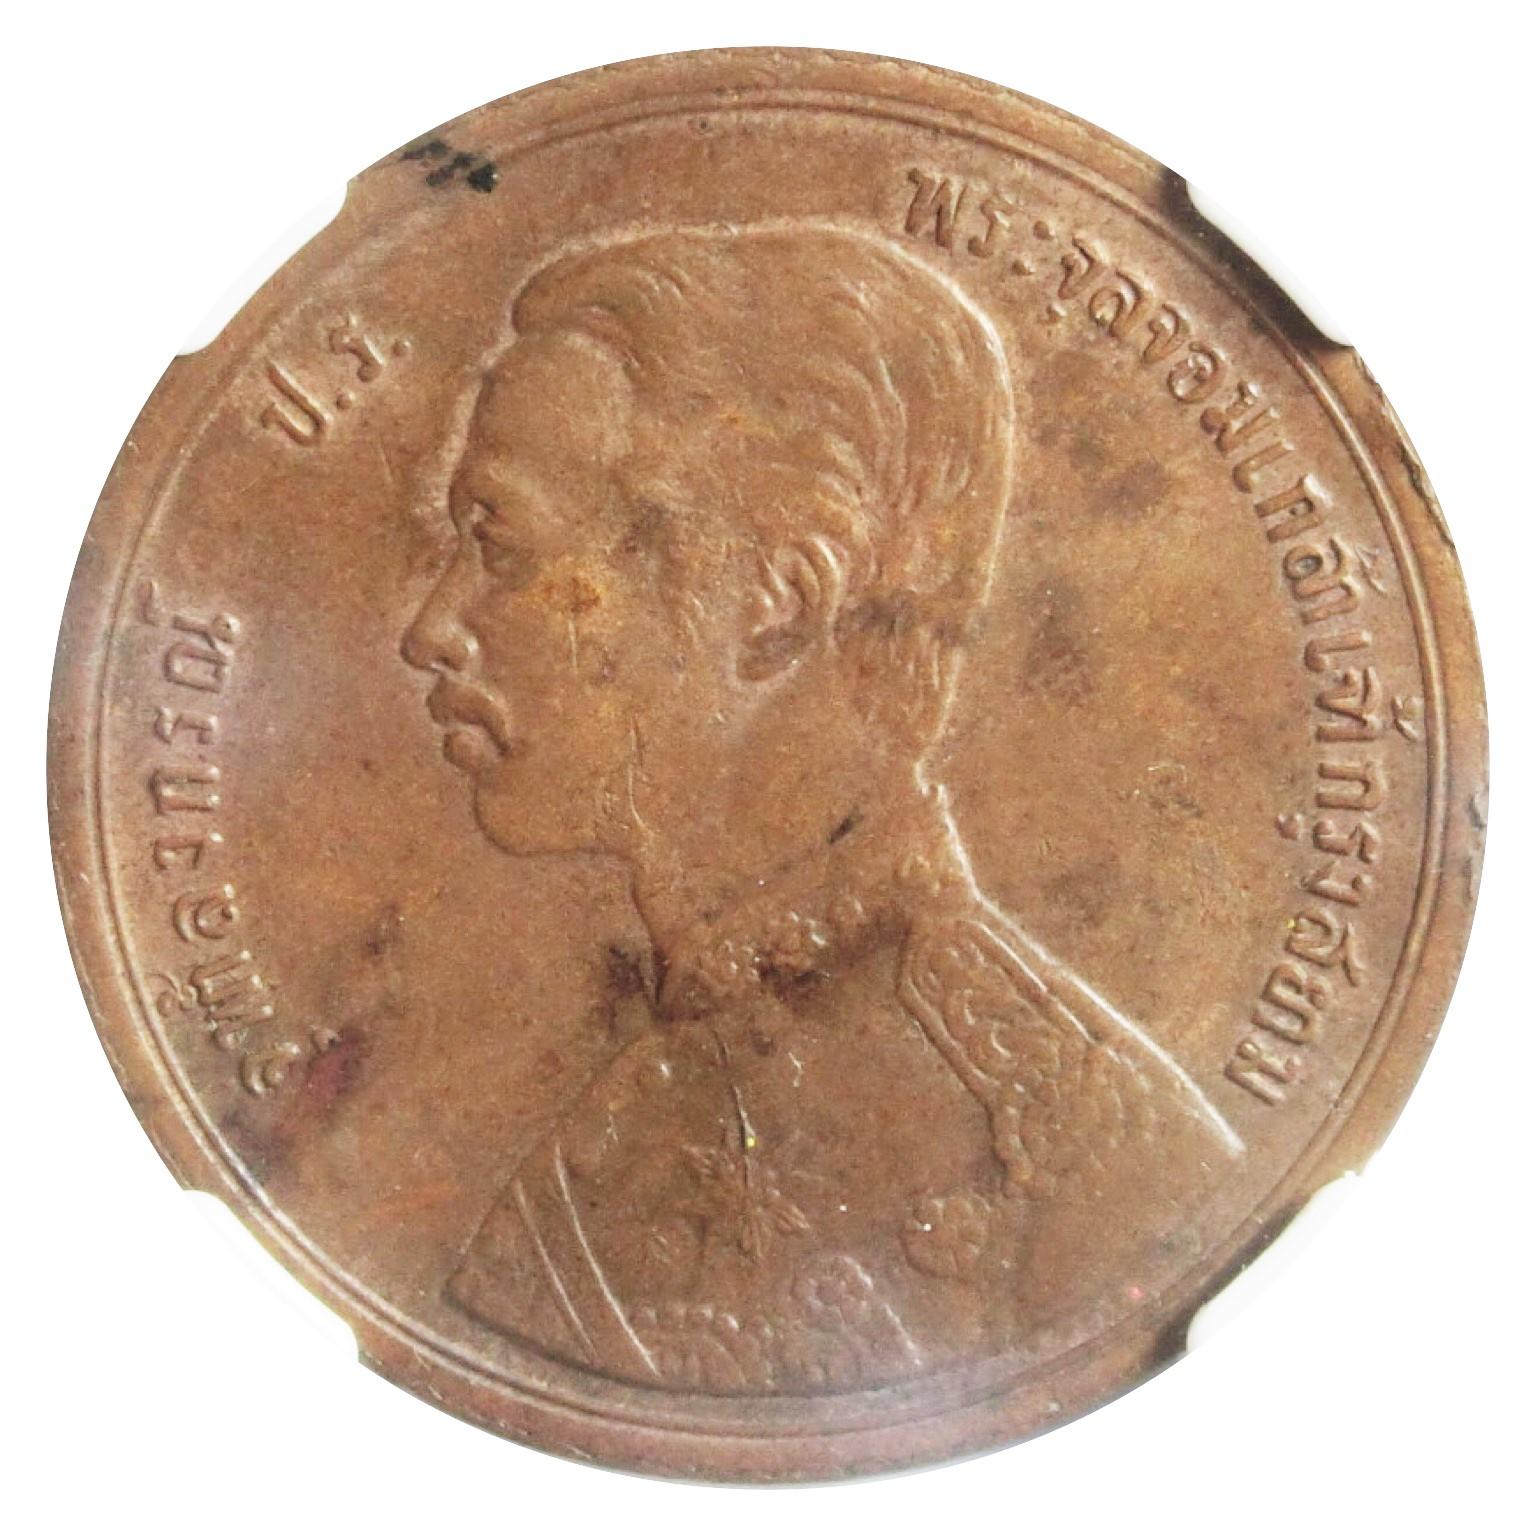 เหรียญกษาปณ์ทองแดง พระสยาม รัชกาลที่๕ ชนิด เซี่ยว ร.ศ.115